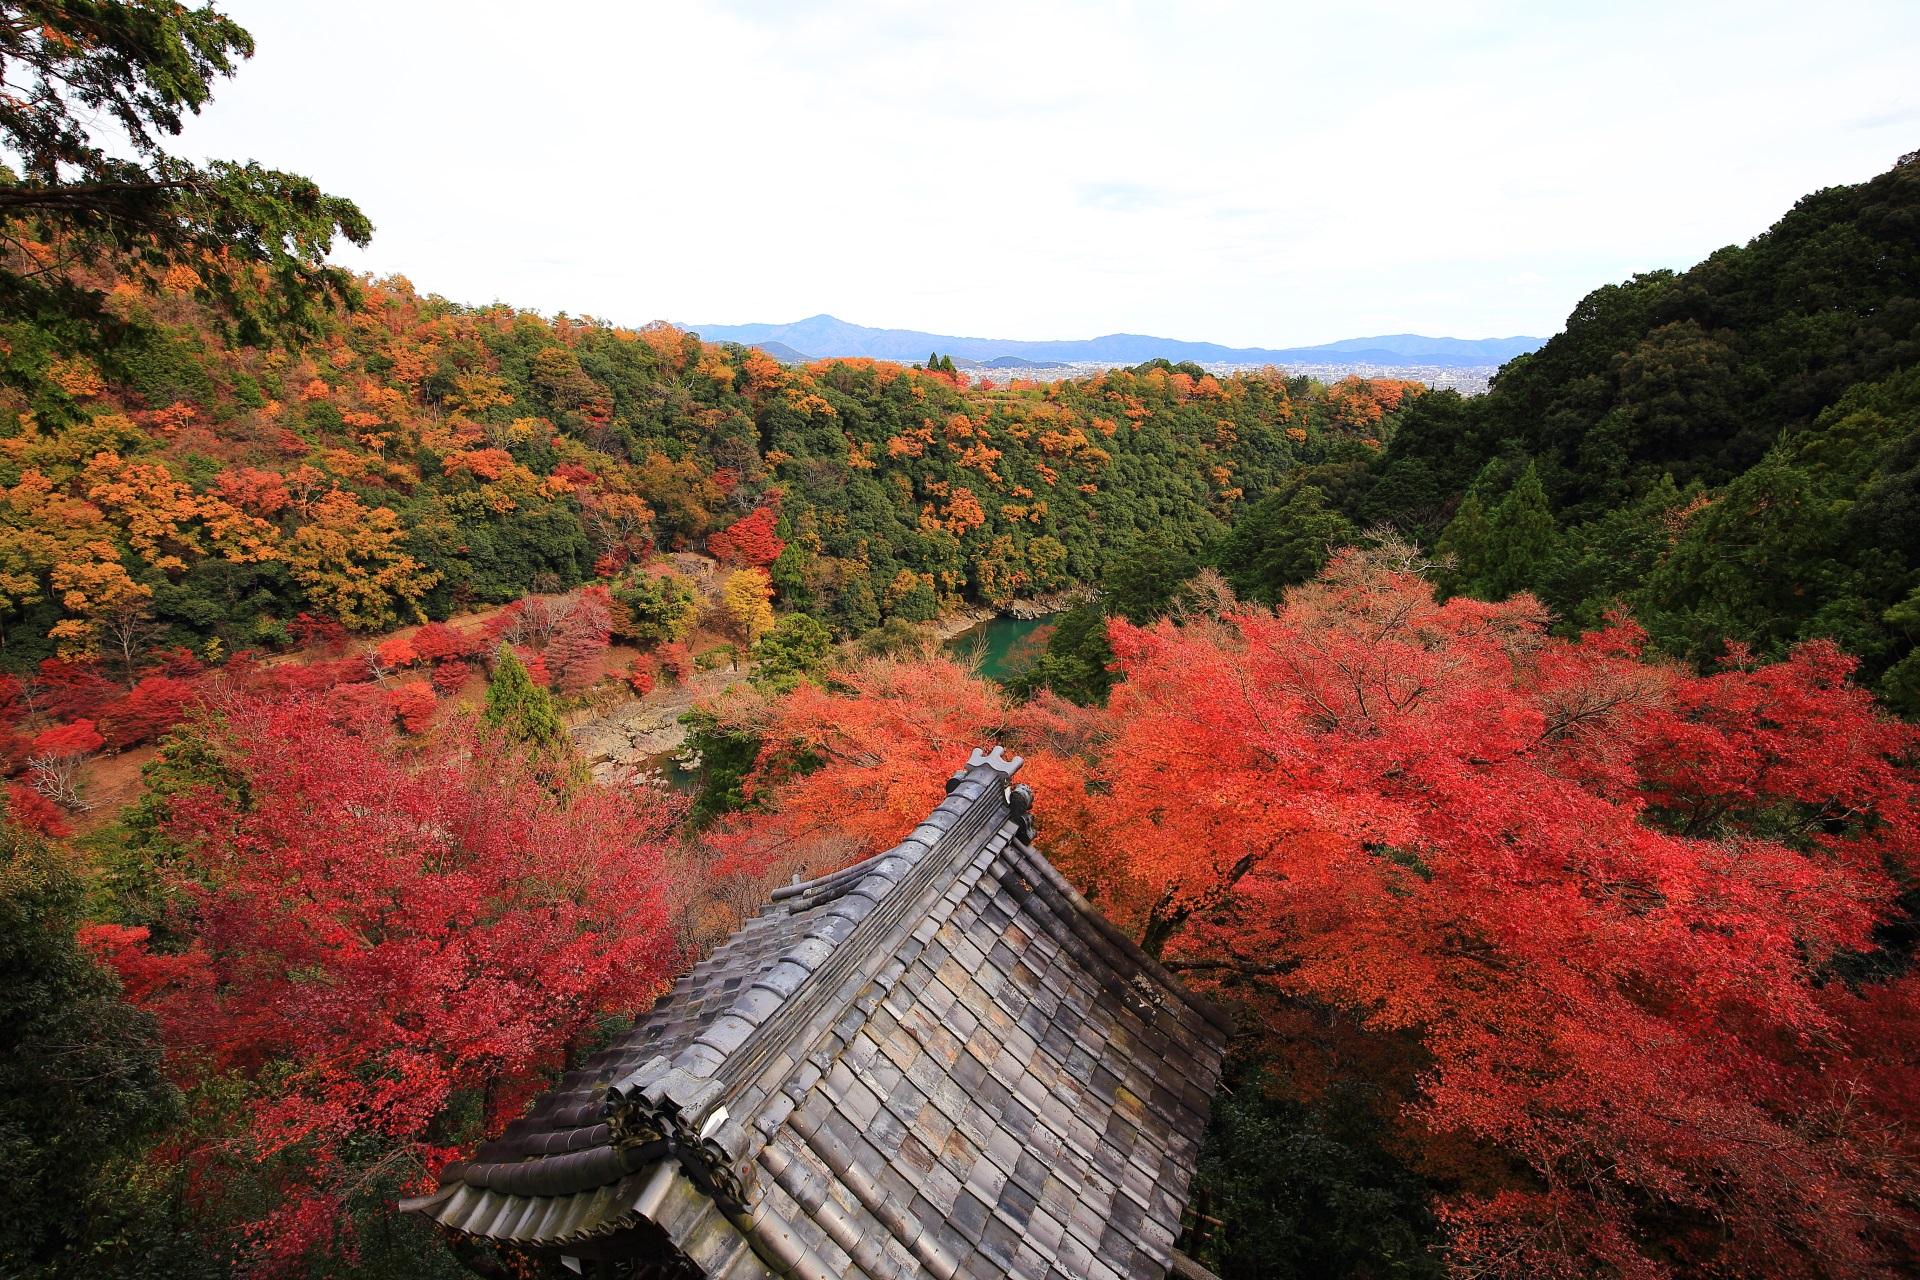 大悲閣千光寺の素晴らしい紅葉と秋の情景